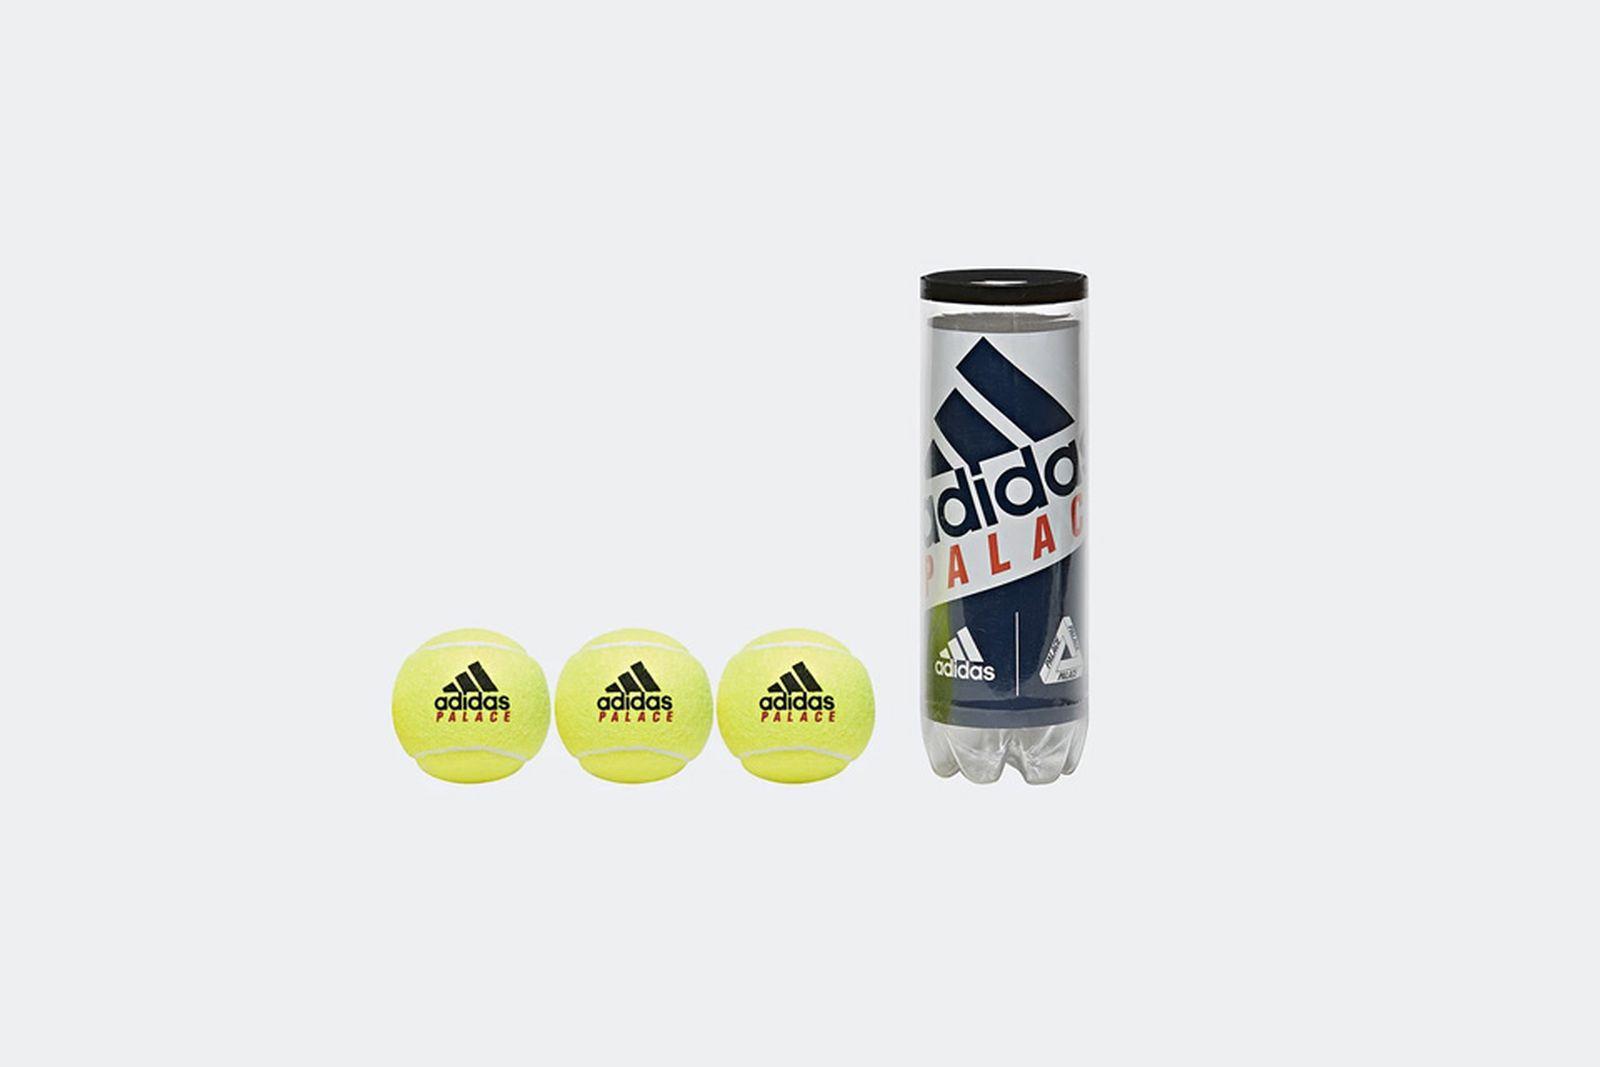 adidas tennis palace every piece Wimbledon adidas Originals x Palace adidas tennis x palace